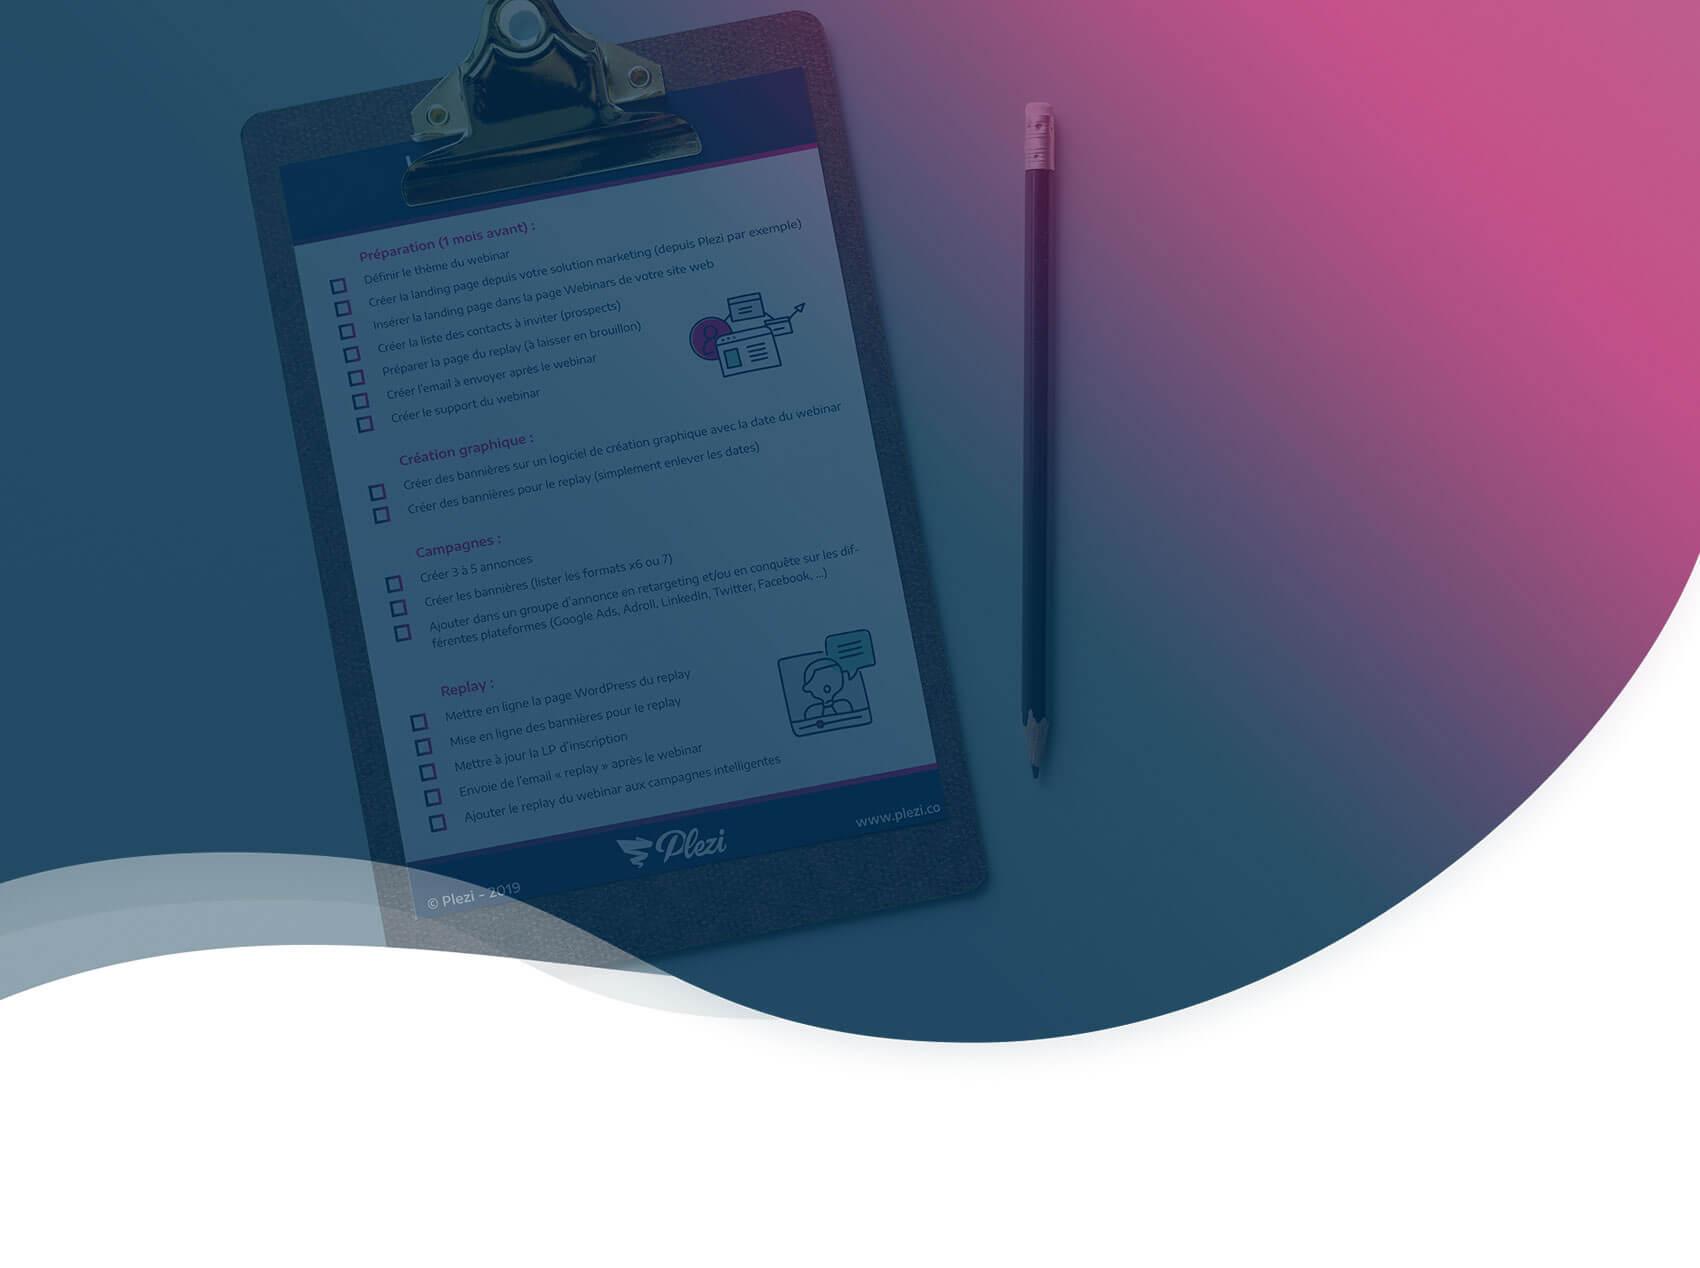 La checklist à suivre pour un webinar réussi